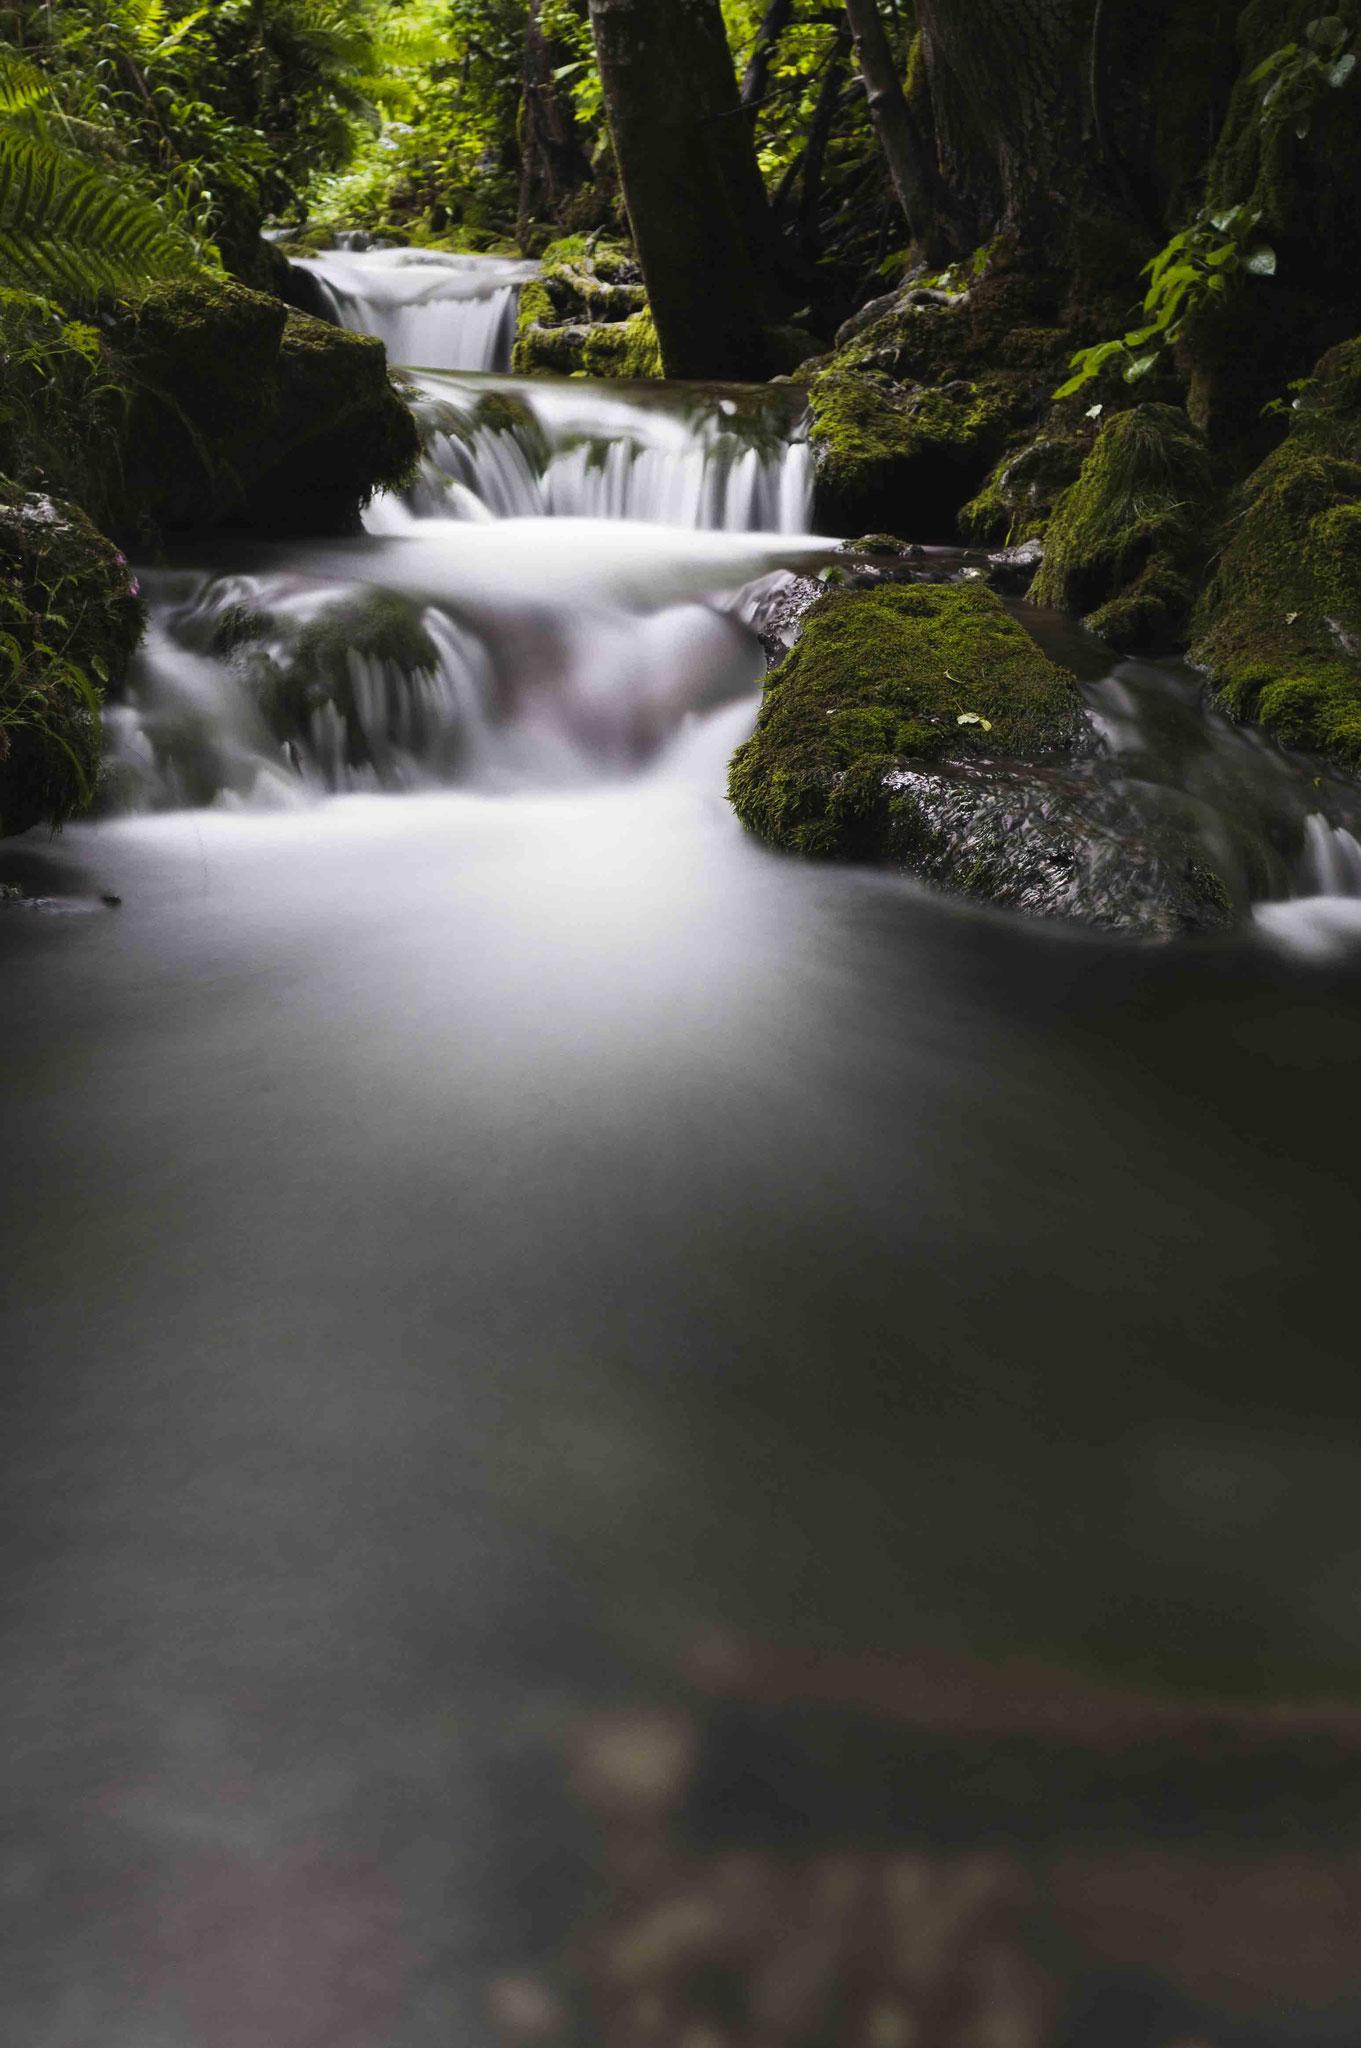 Da fließt er dahin; Wasserfall Bad Urach